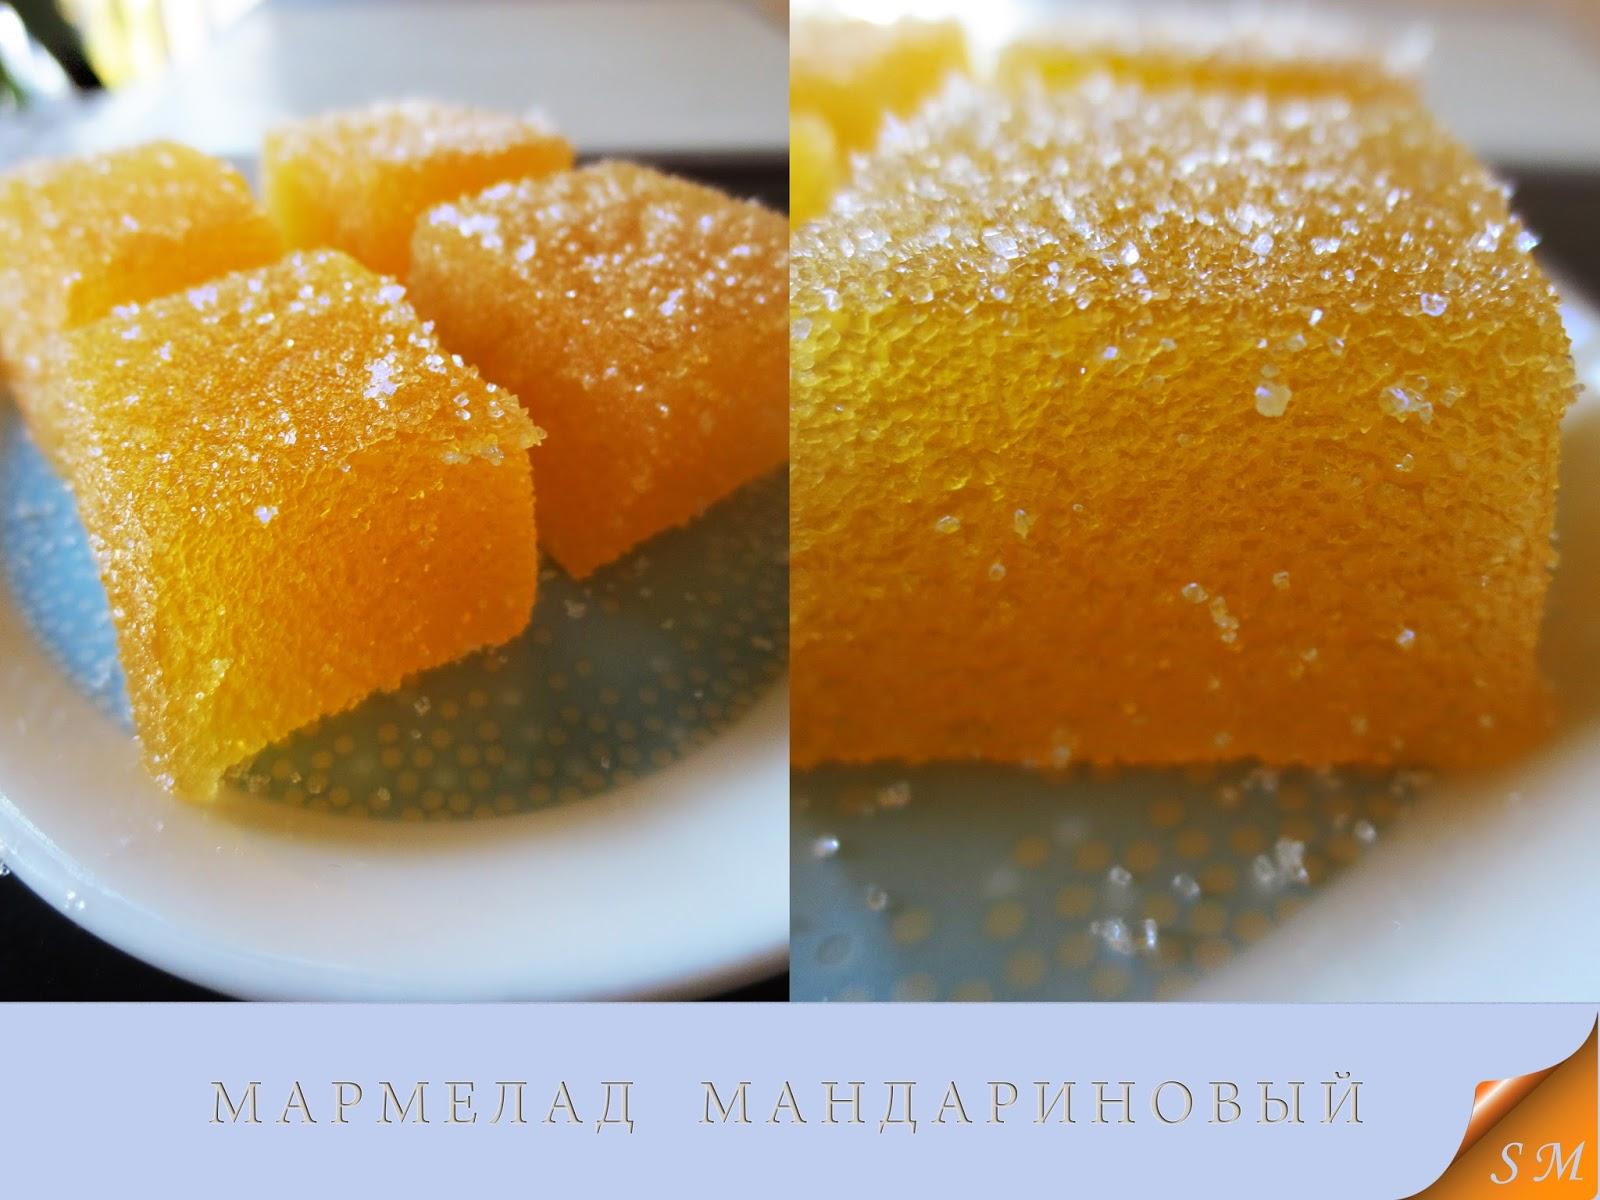 Рецепт мармелада на агар агаре пошагово